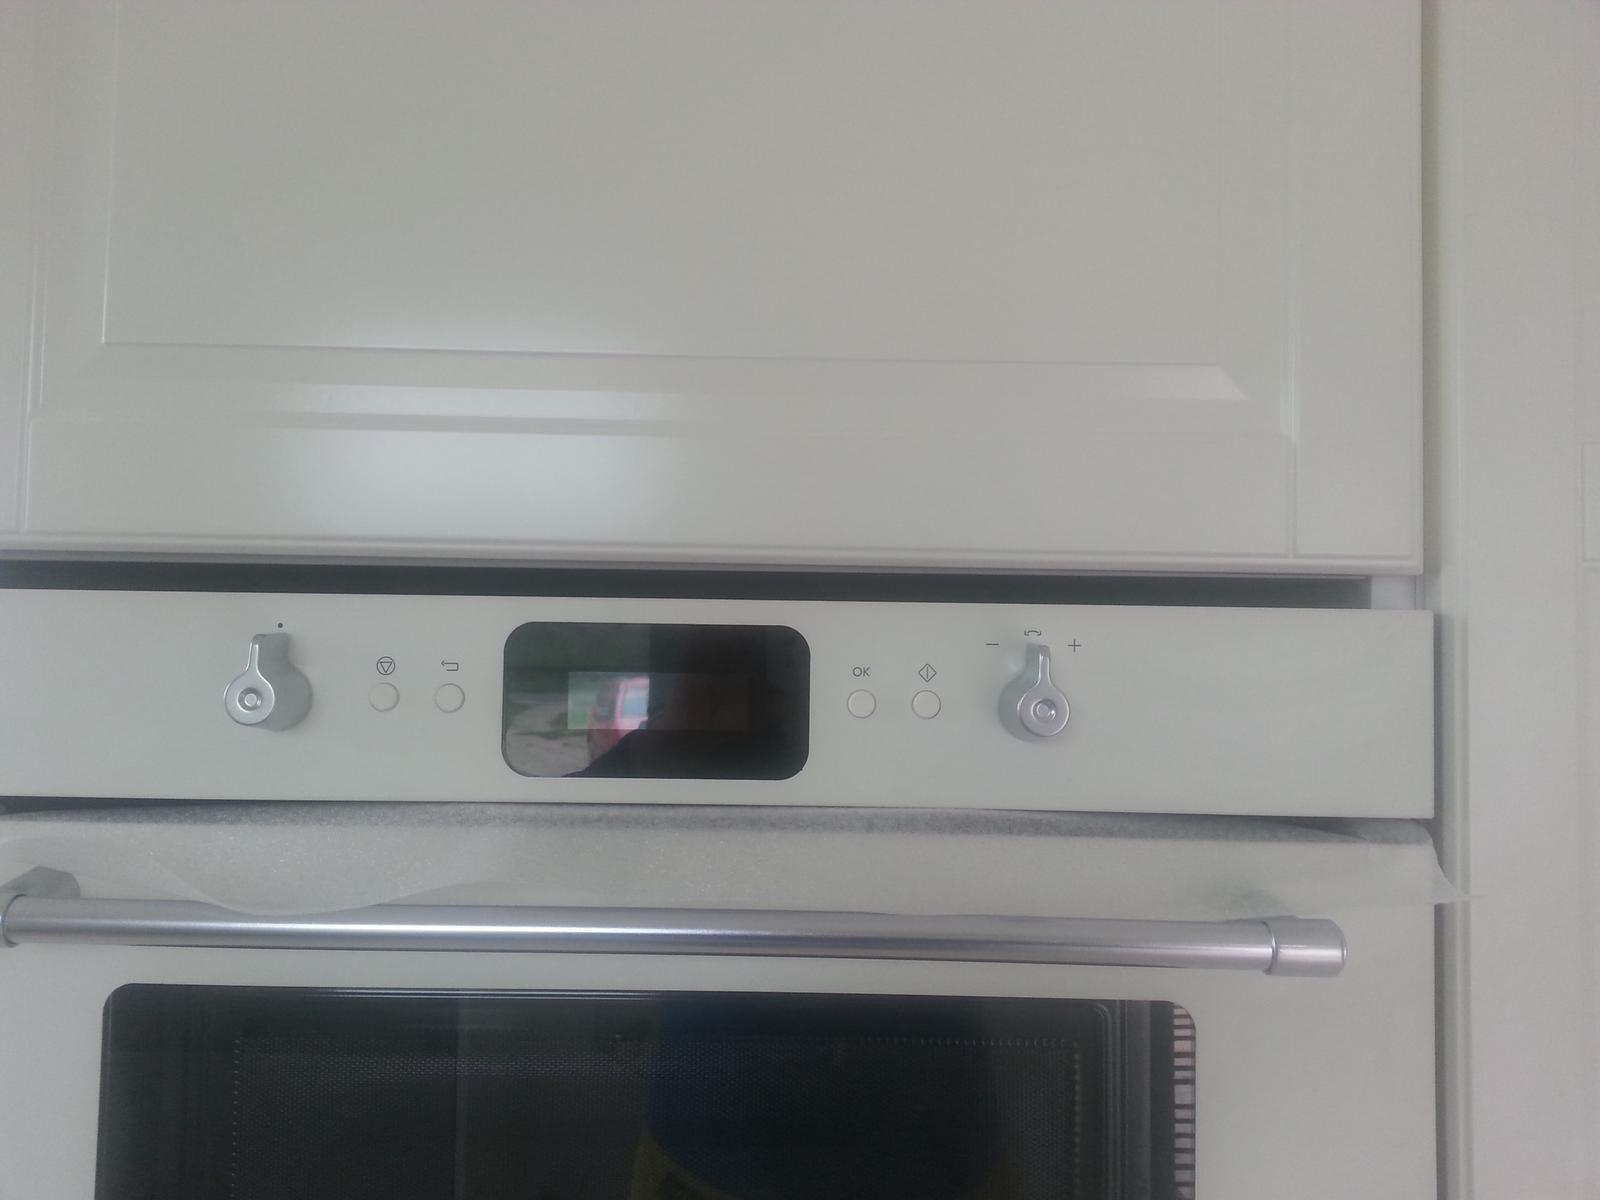 Moc prosím :) vestavná mikrovlnka od Ikea, má někdo zkušenost z montáží??? Nějak nám nesedí, zbývá cca 2 cm mezera ve skříni 220 cm. Musí se nečím překrýt??? Děkuji ♥ - Obrázek č. 2